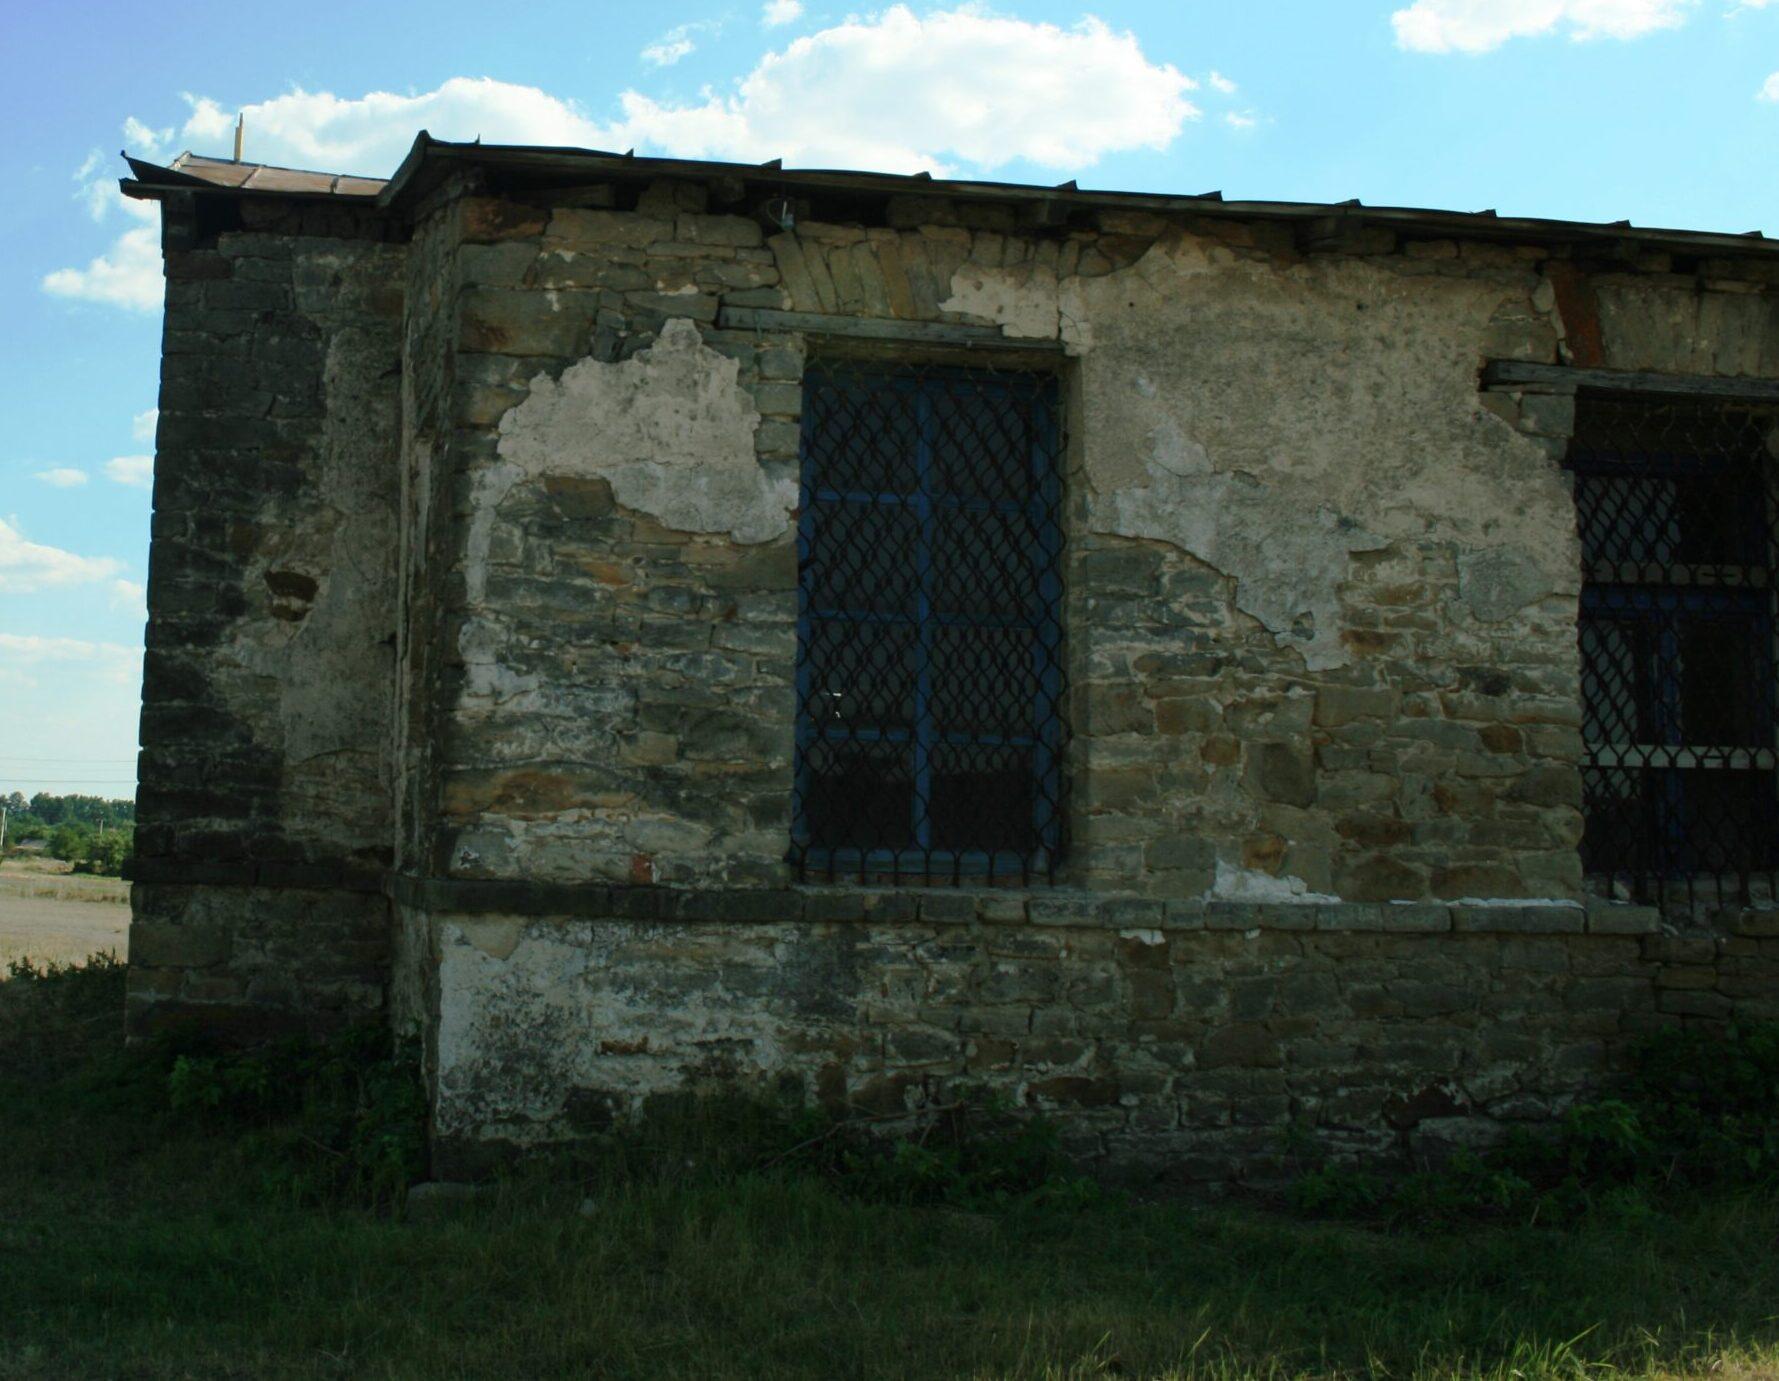 Уникальная и самая старая церковь Днепропетровщины: здесь целебная вода и службу проводят 2 раза в год (Фото)